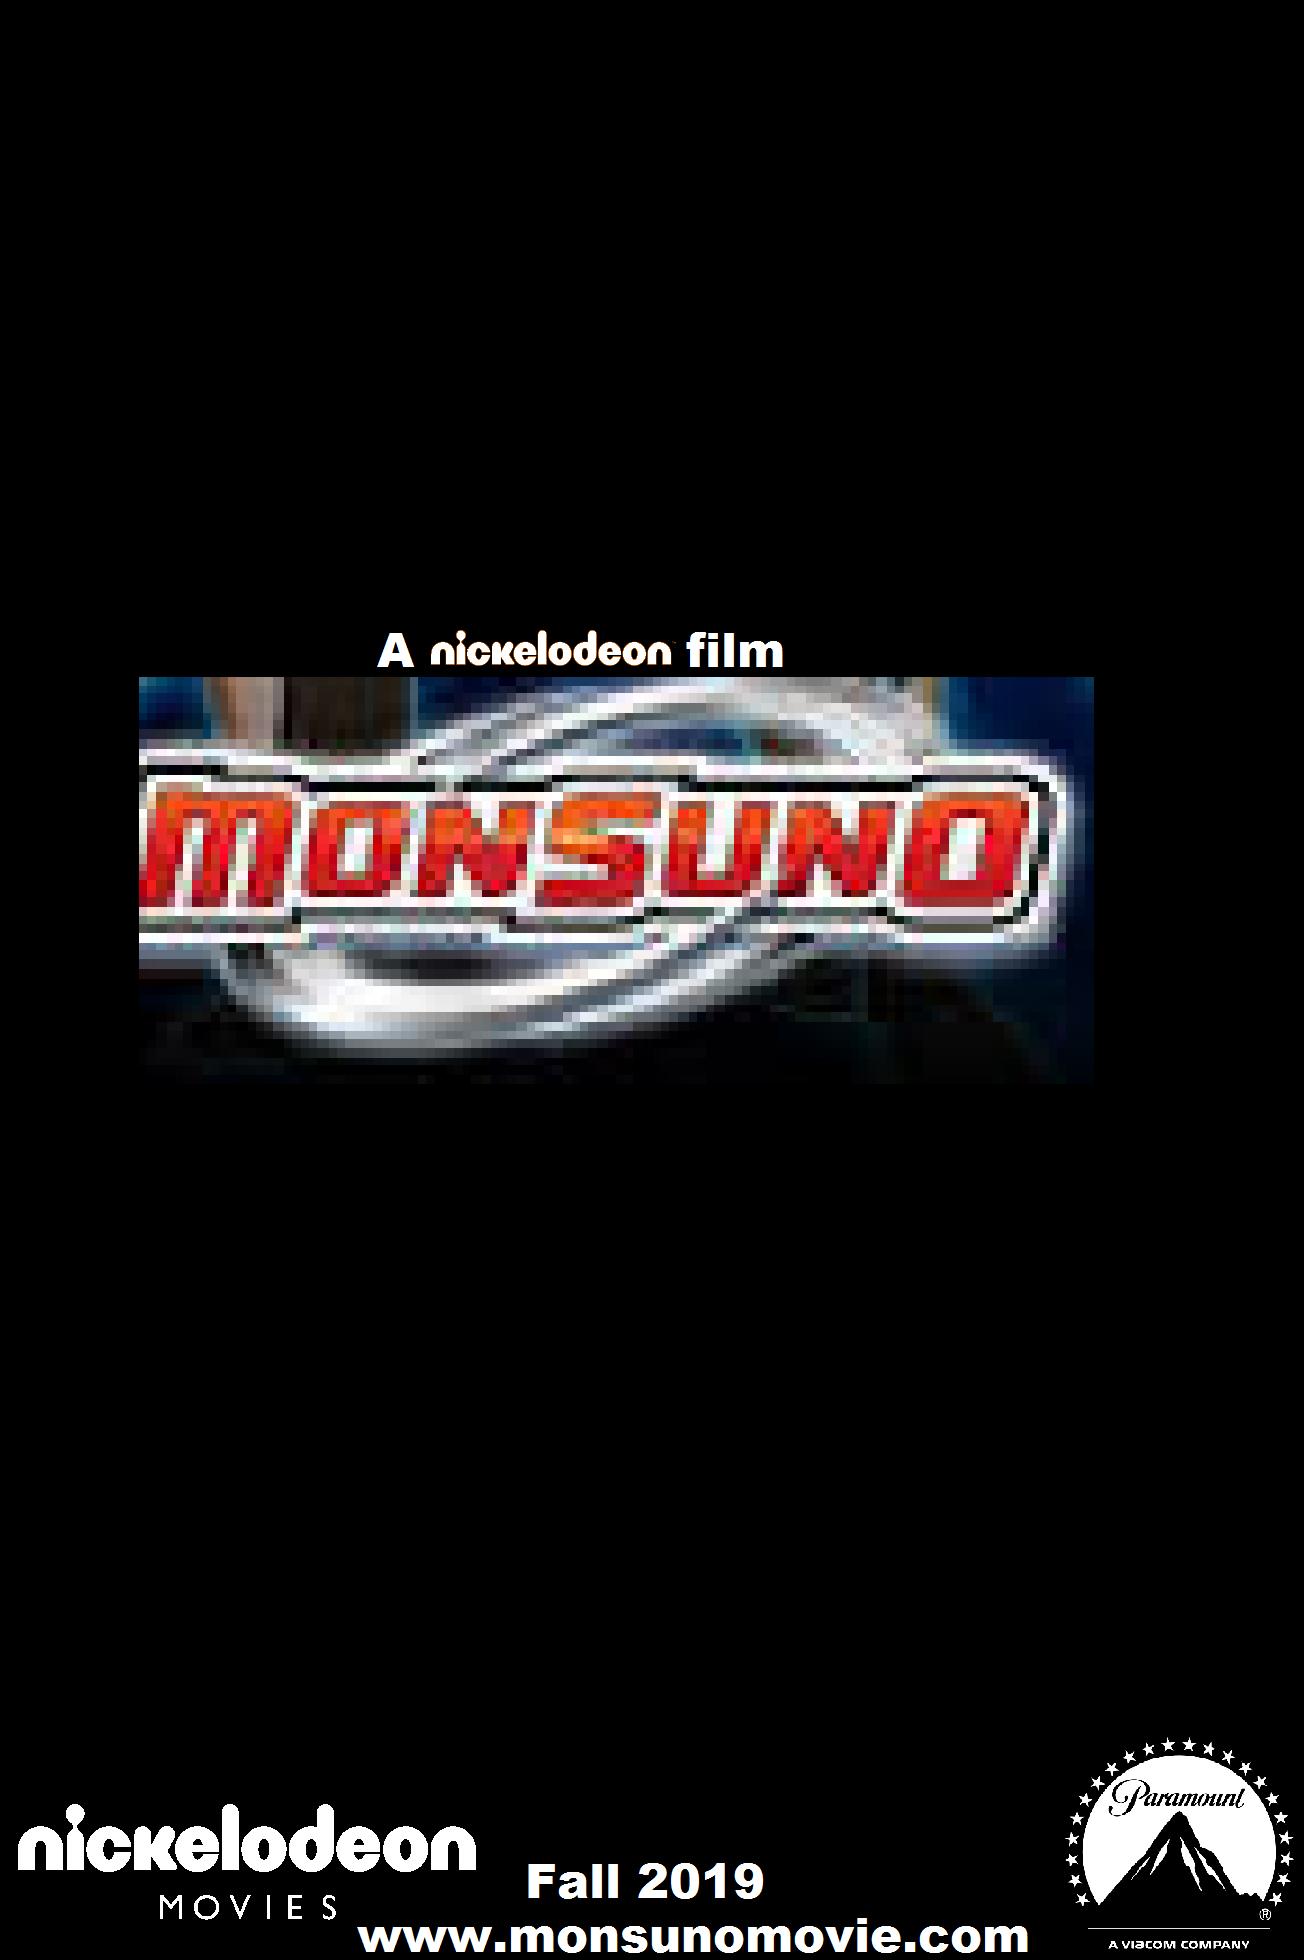 Monsuno: The Core of Adventures